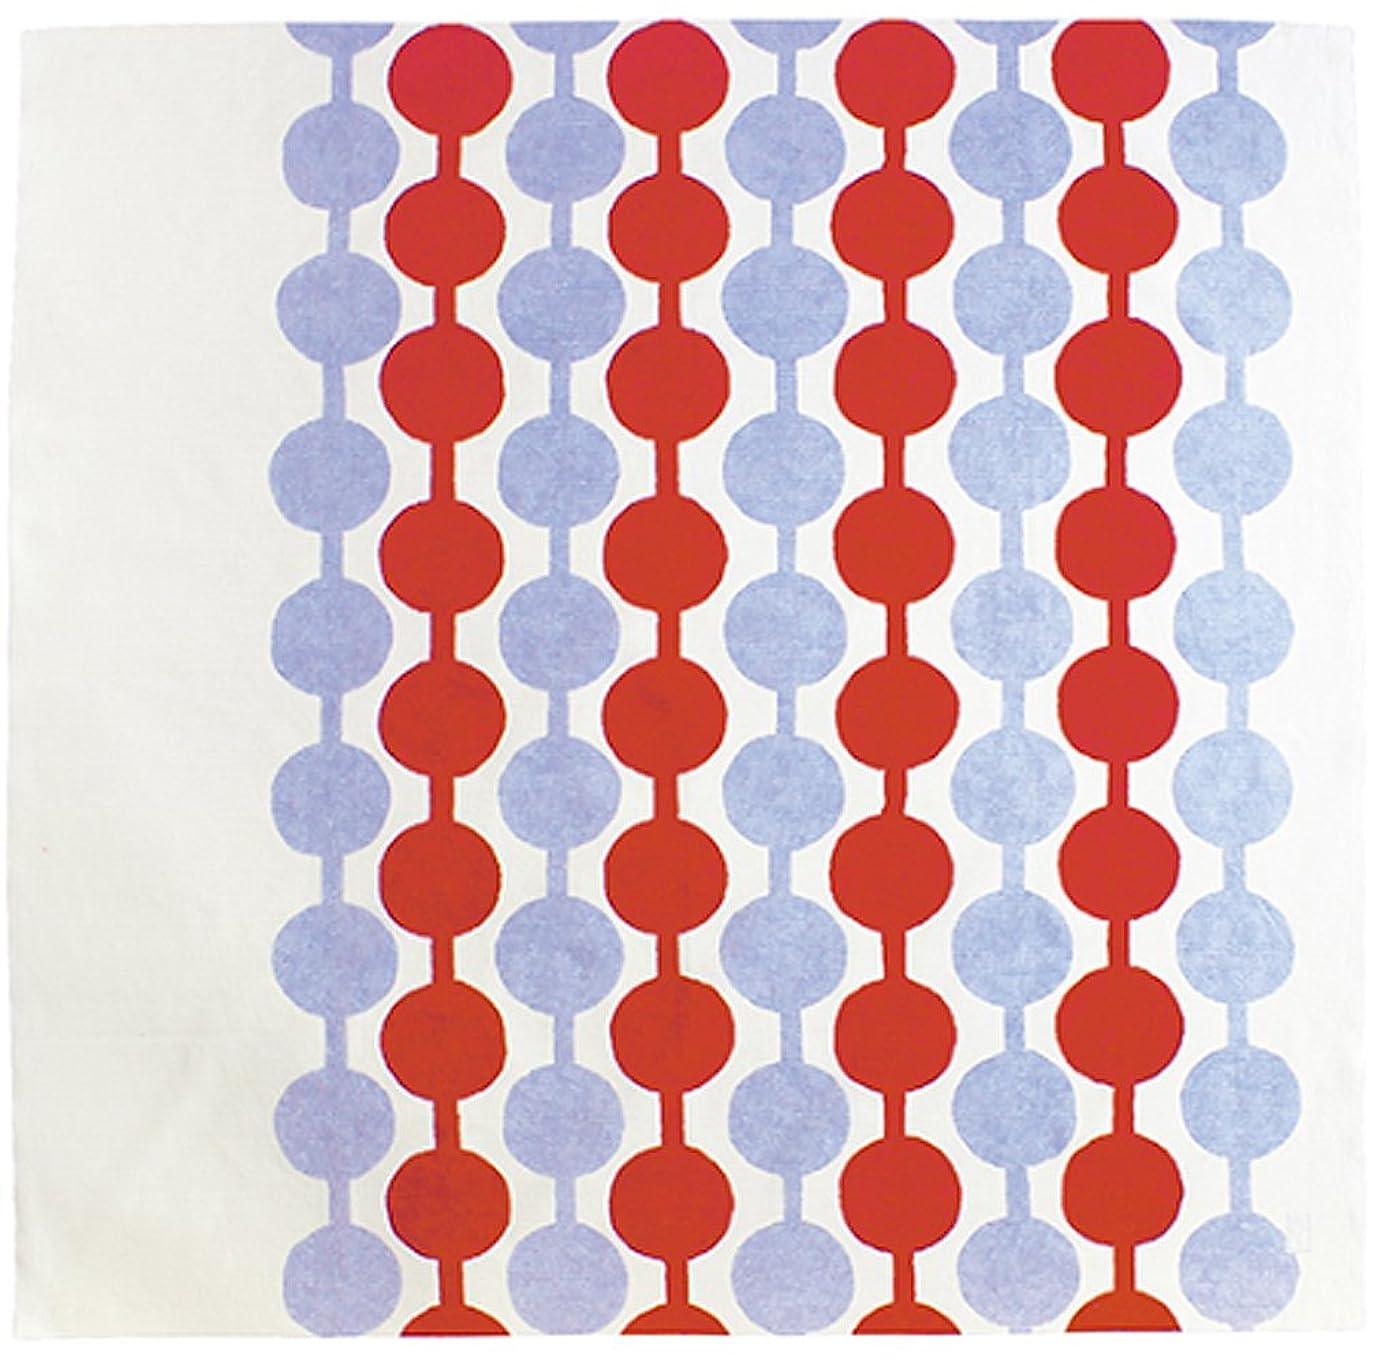 ぐるぐる思い出ラッドヤードキップリング二四巾 竹久夢二 約90cm風呂敷 綿100% (つなぎだんご アカ)